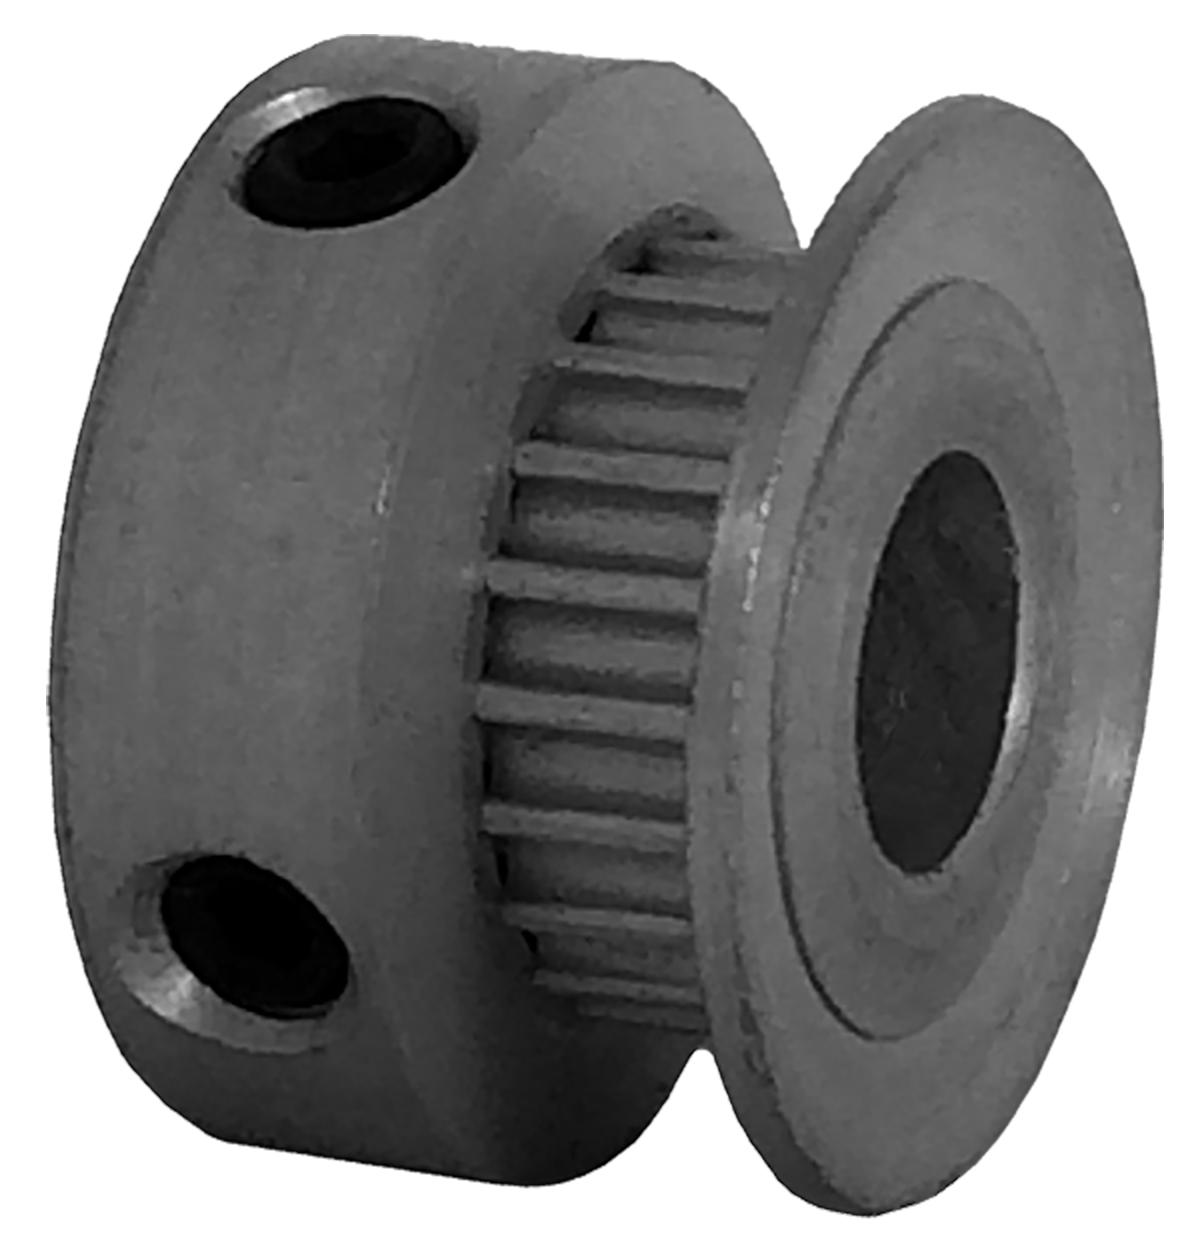 20-2P03-6CA3 - Aluminum Powerhouse® Pulleys